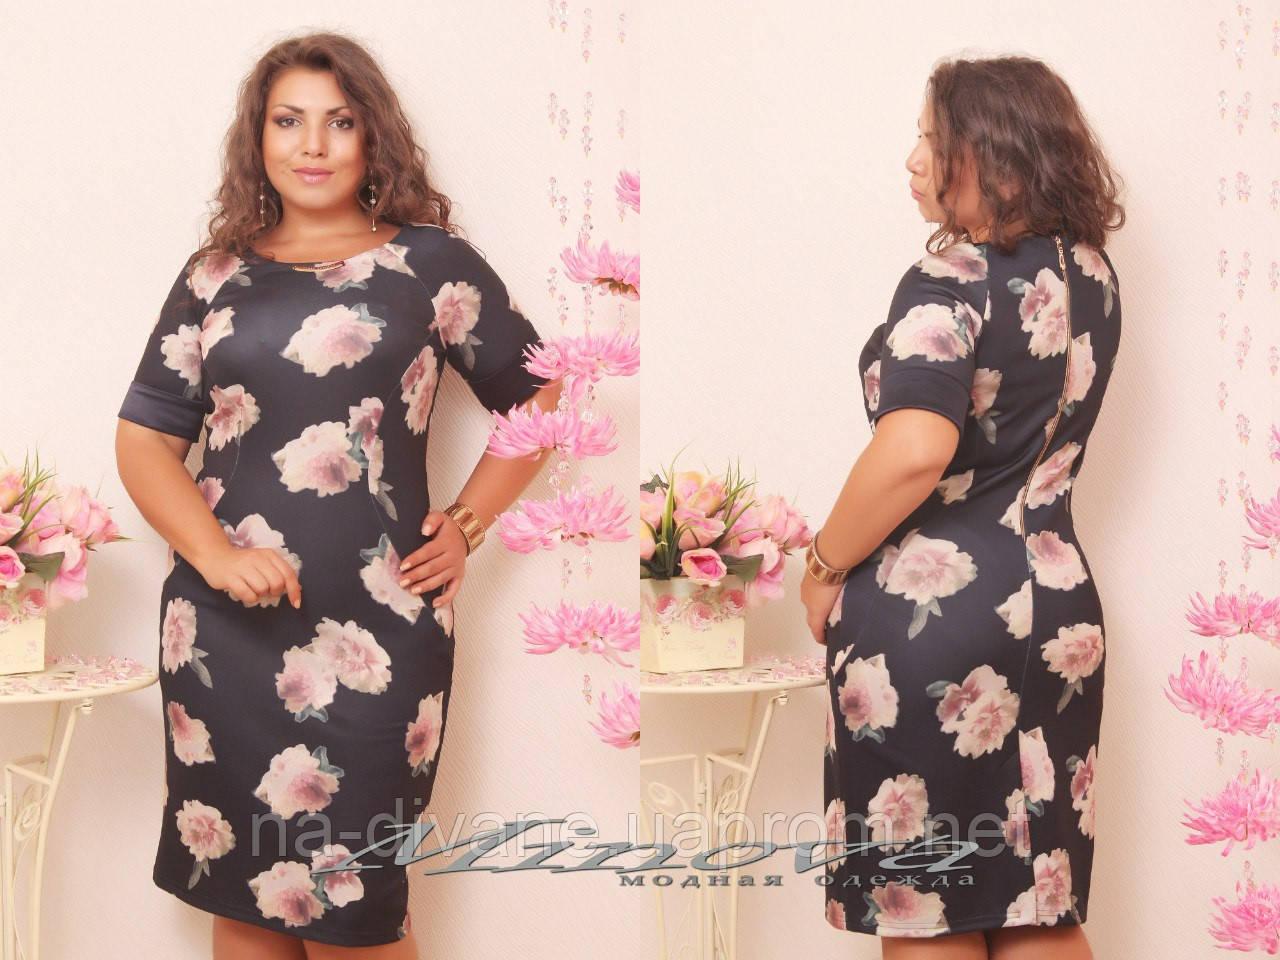 платье женское батал 264 пион минова цена 465 грн купить в